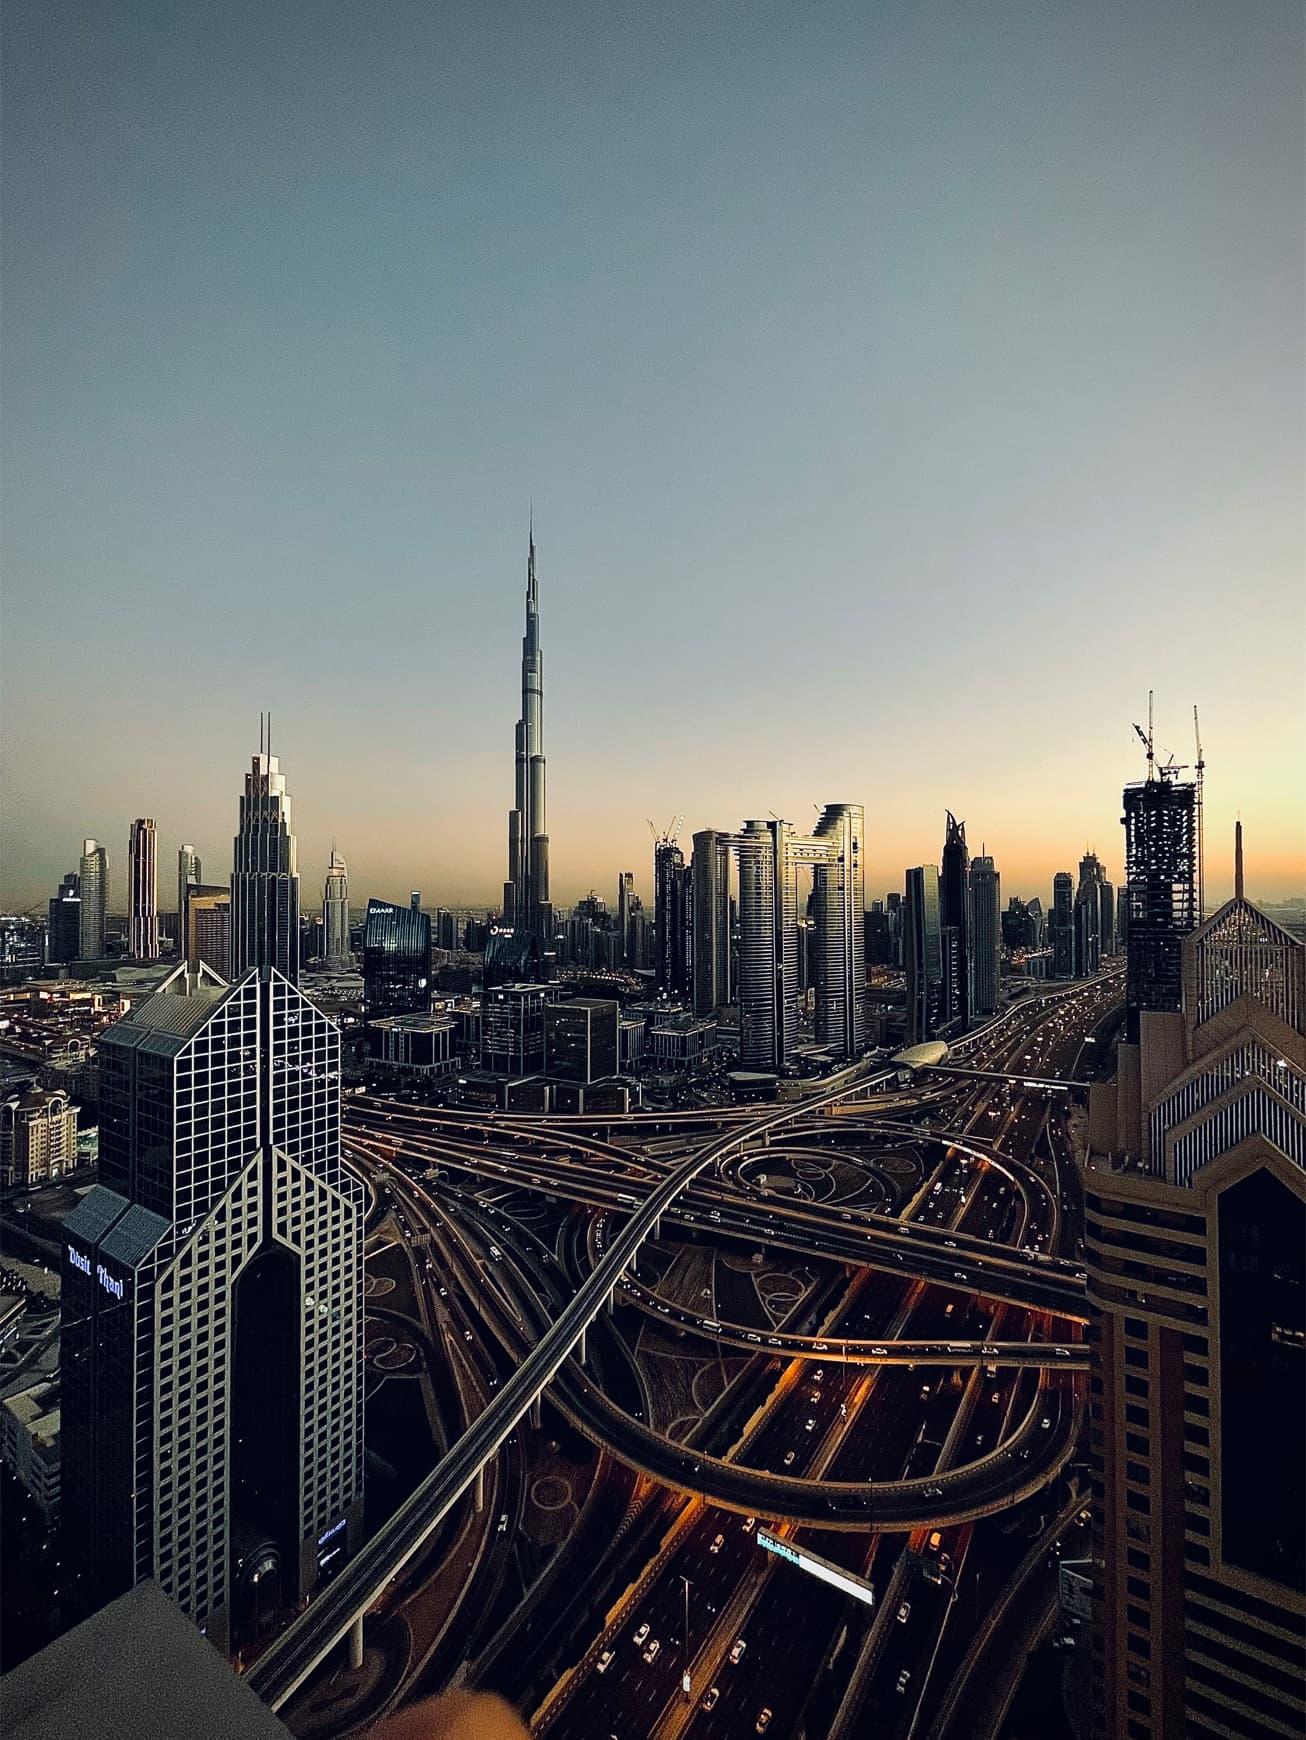 iPhone 12 Pro 拍攝,拍攝者:Abdullah Shaijie,科威特